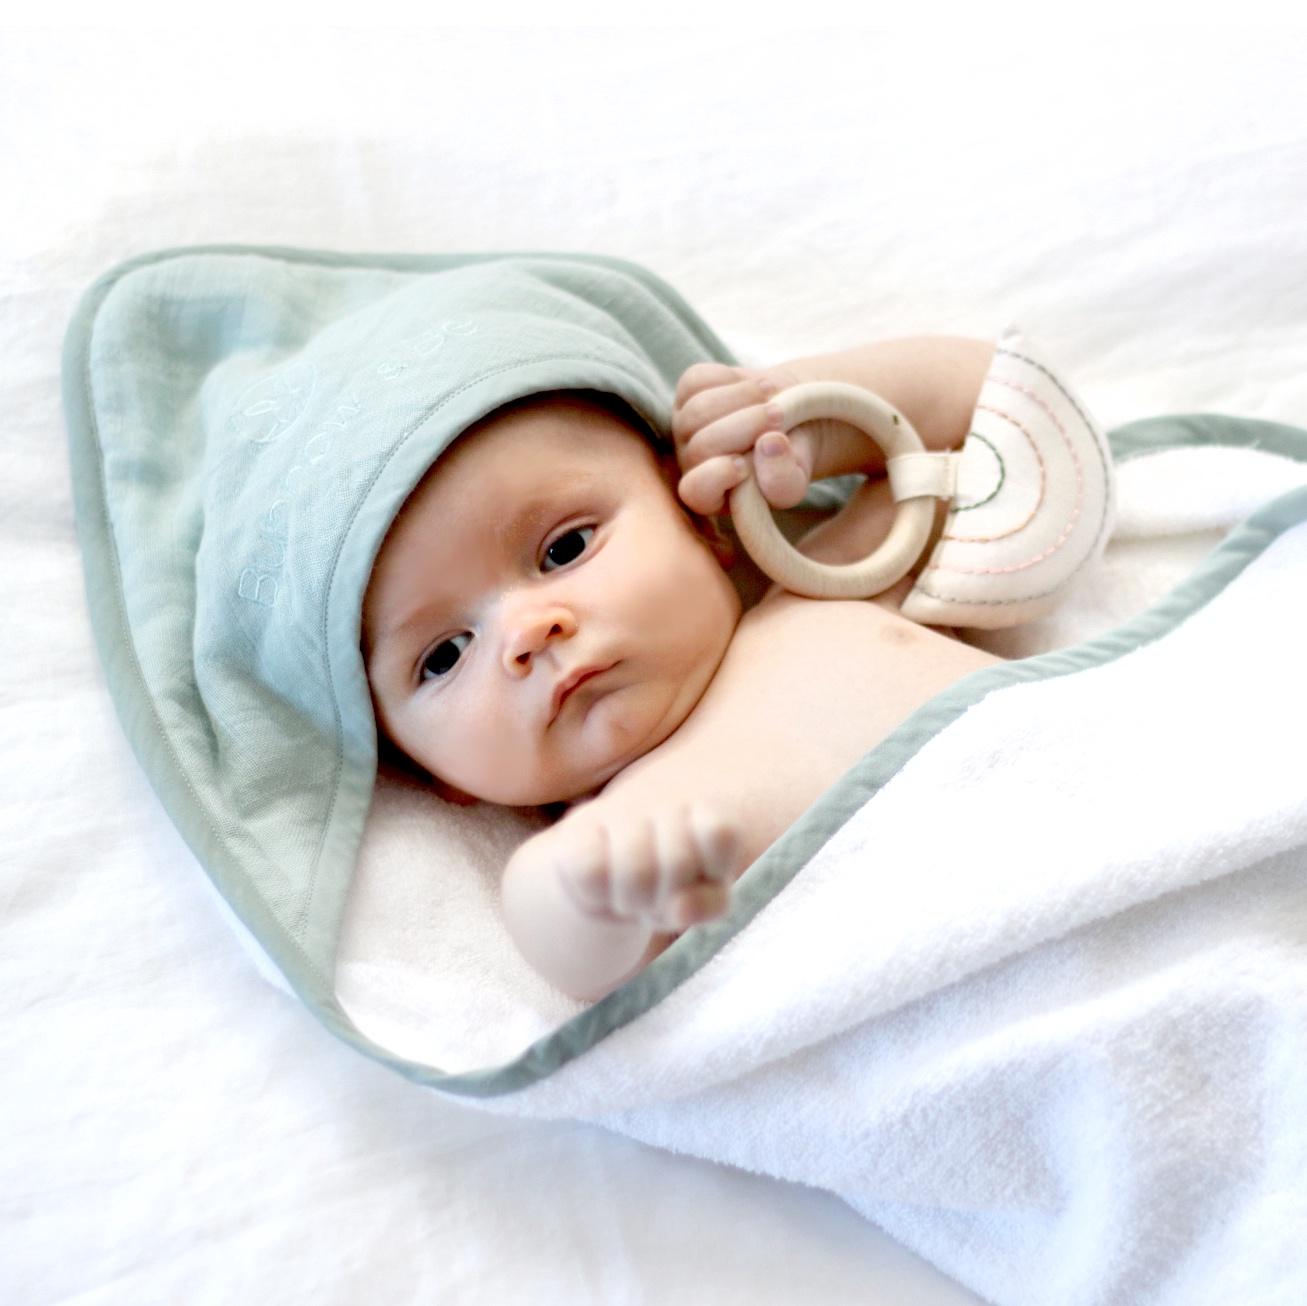 BABY HOODED TOWEL - MIST